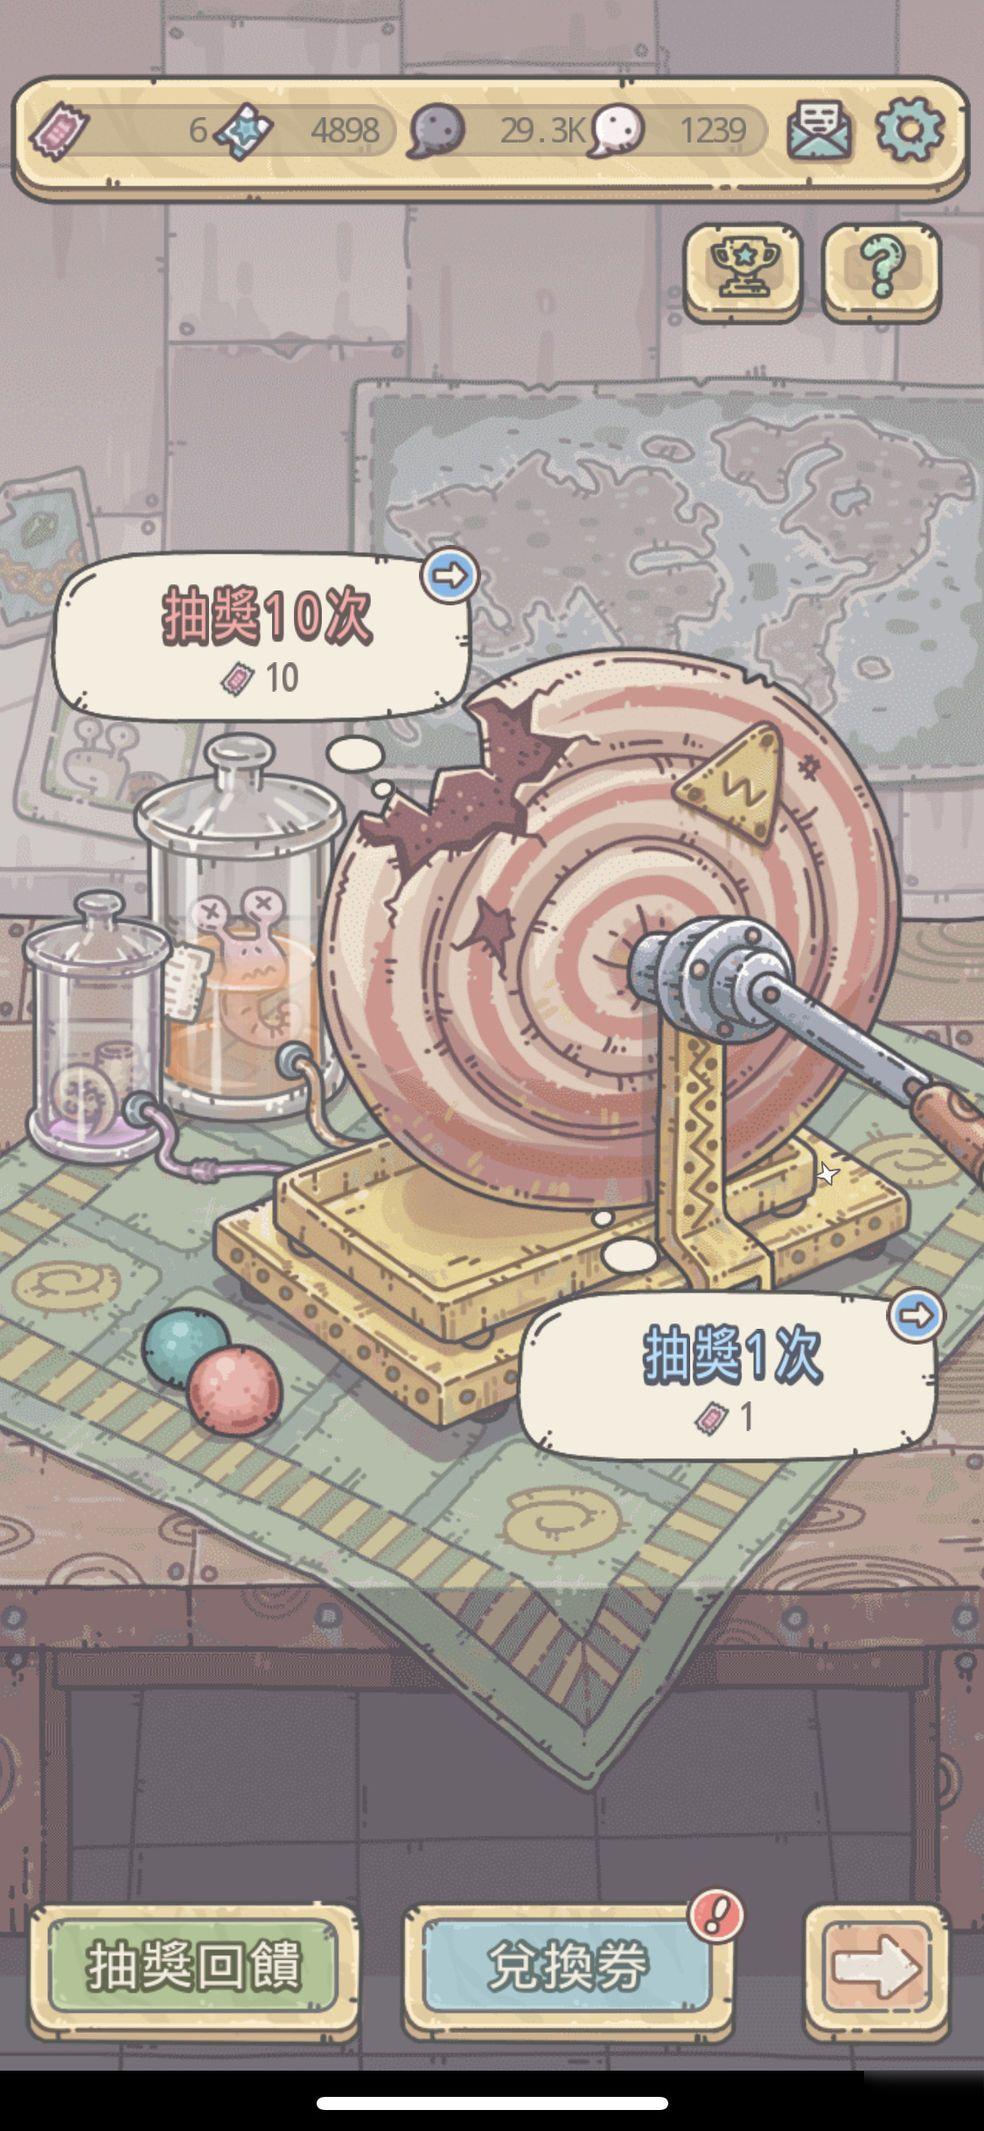 最强蜗牛广告名画拼图多少次可以触发 广告活动名画玩法攻略